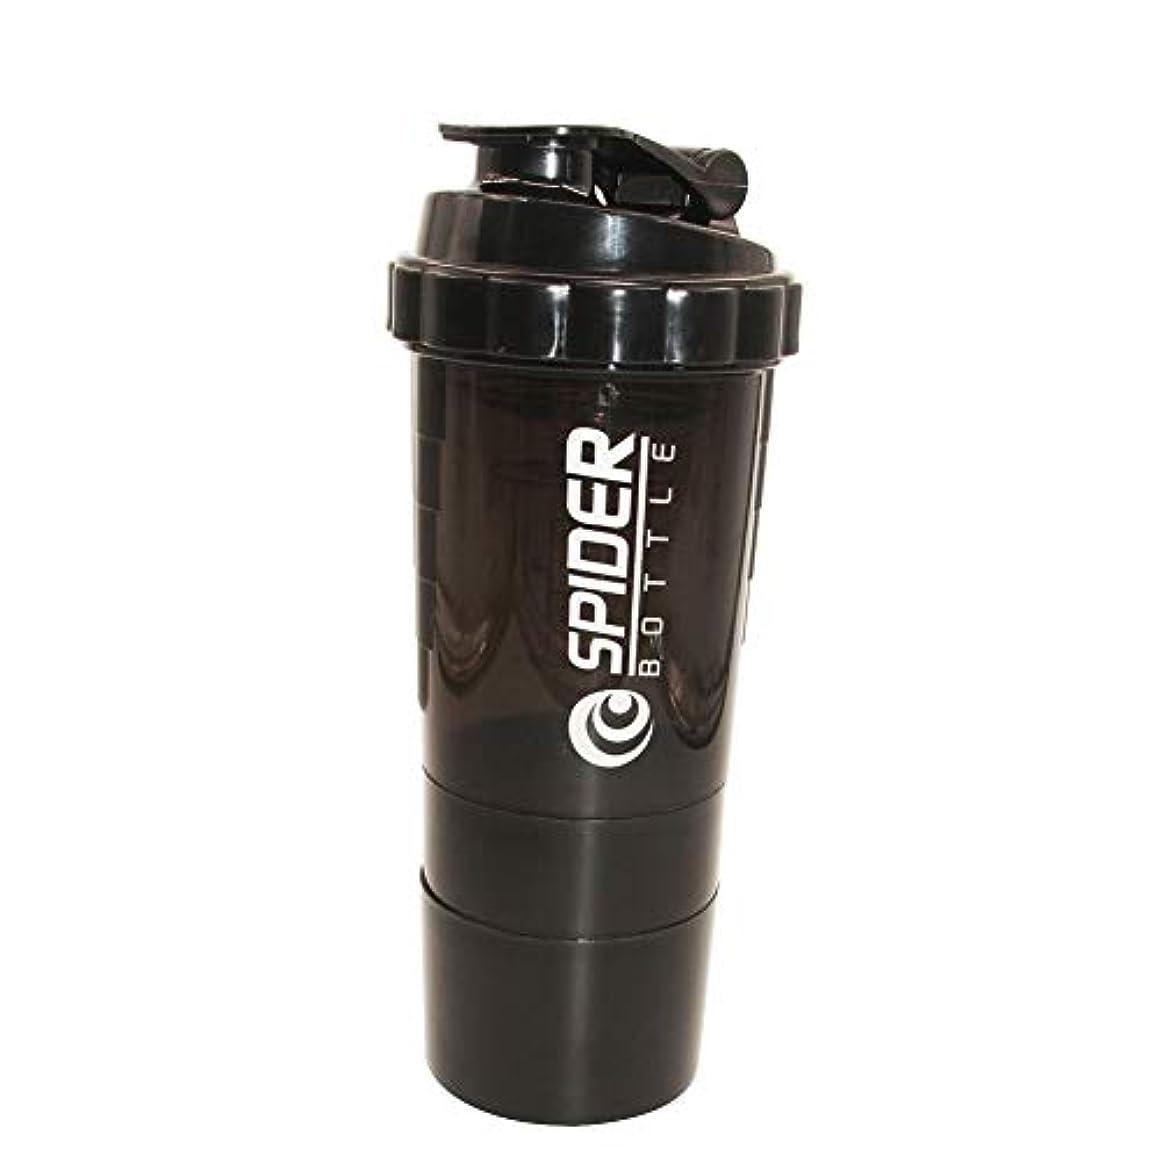 モーターベテラン羊飼いプロテインシェイカー プラスチックボトル シェーカーボトル フィットネス用 プラスチック 目盛り ジム スポーツ 600ml 3層プロテインボックス 大容量 (Black)